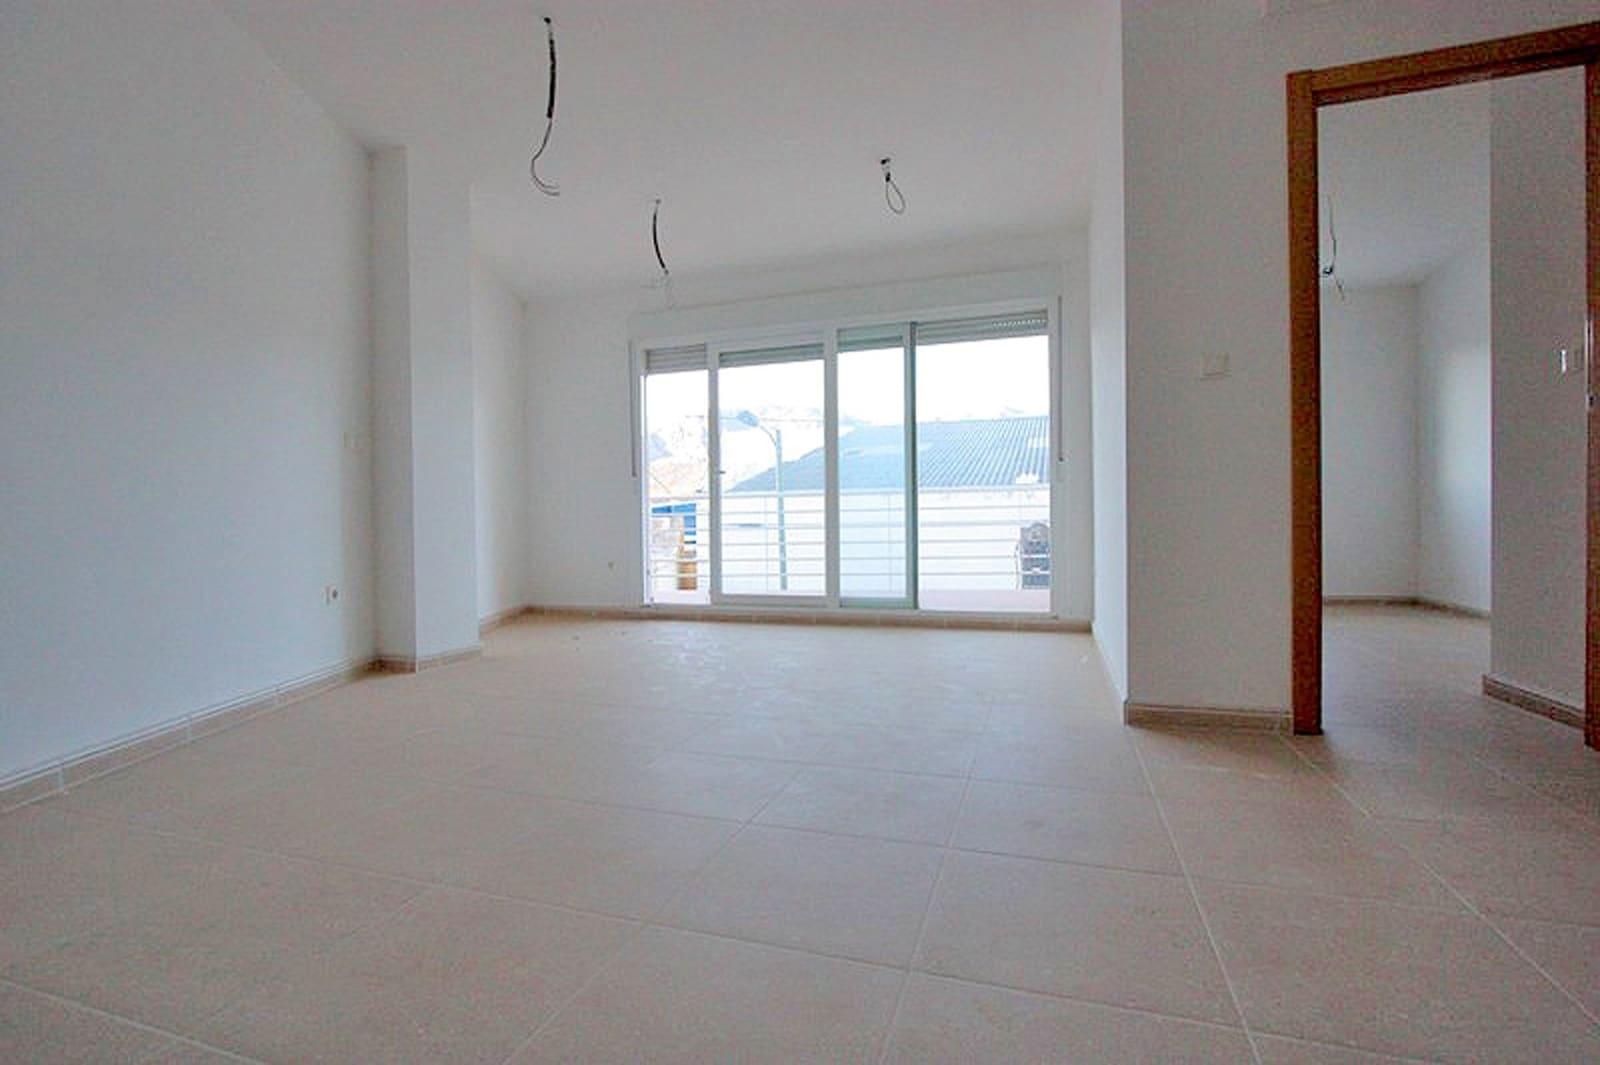 Apartamento de 2 habitaciones en Beniarbeig en venta - 75.000 € (Ref: 647576)